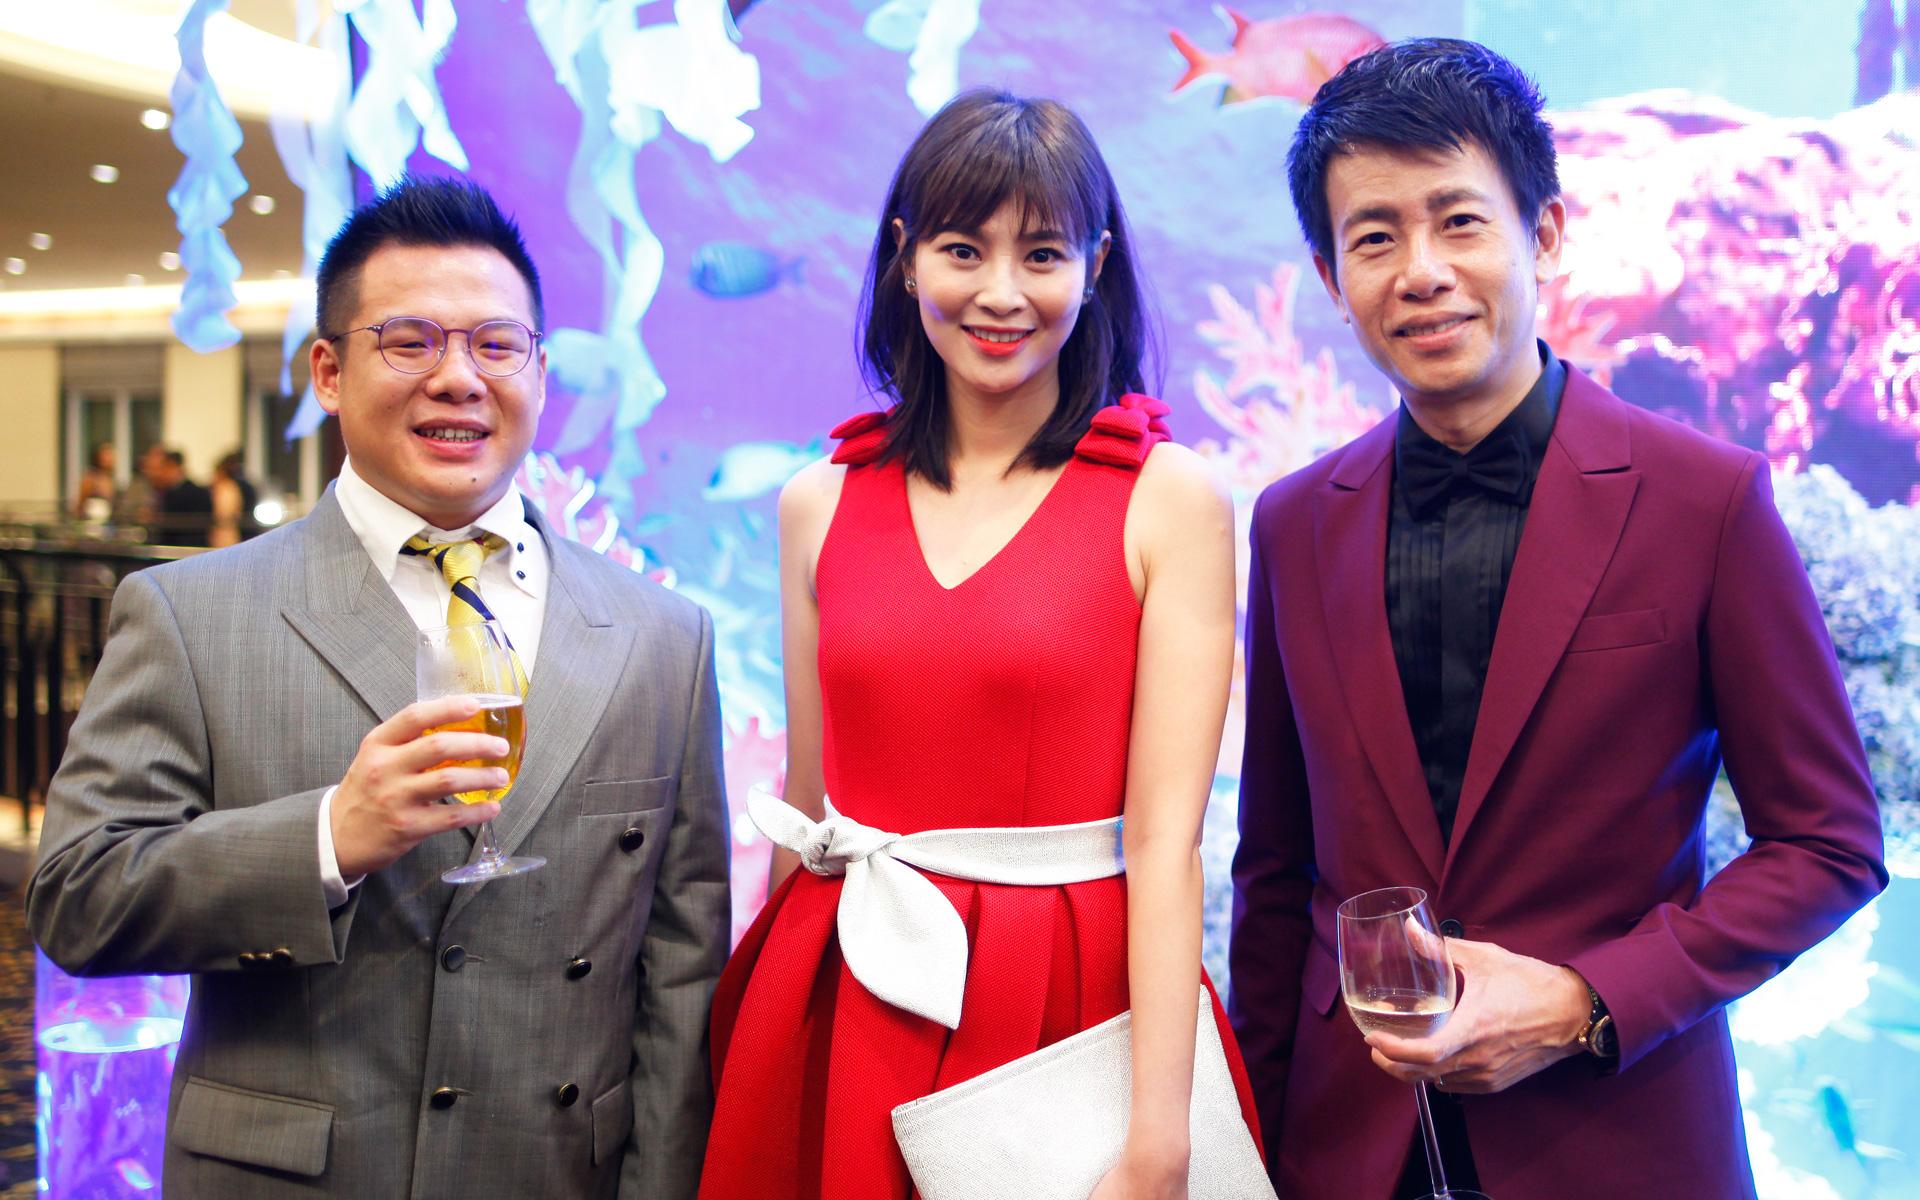 Chow Zi Chong, Jan Chin and Key Ng